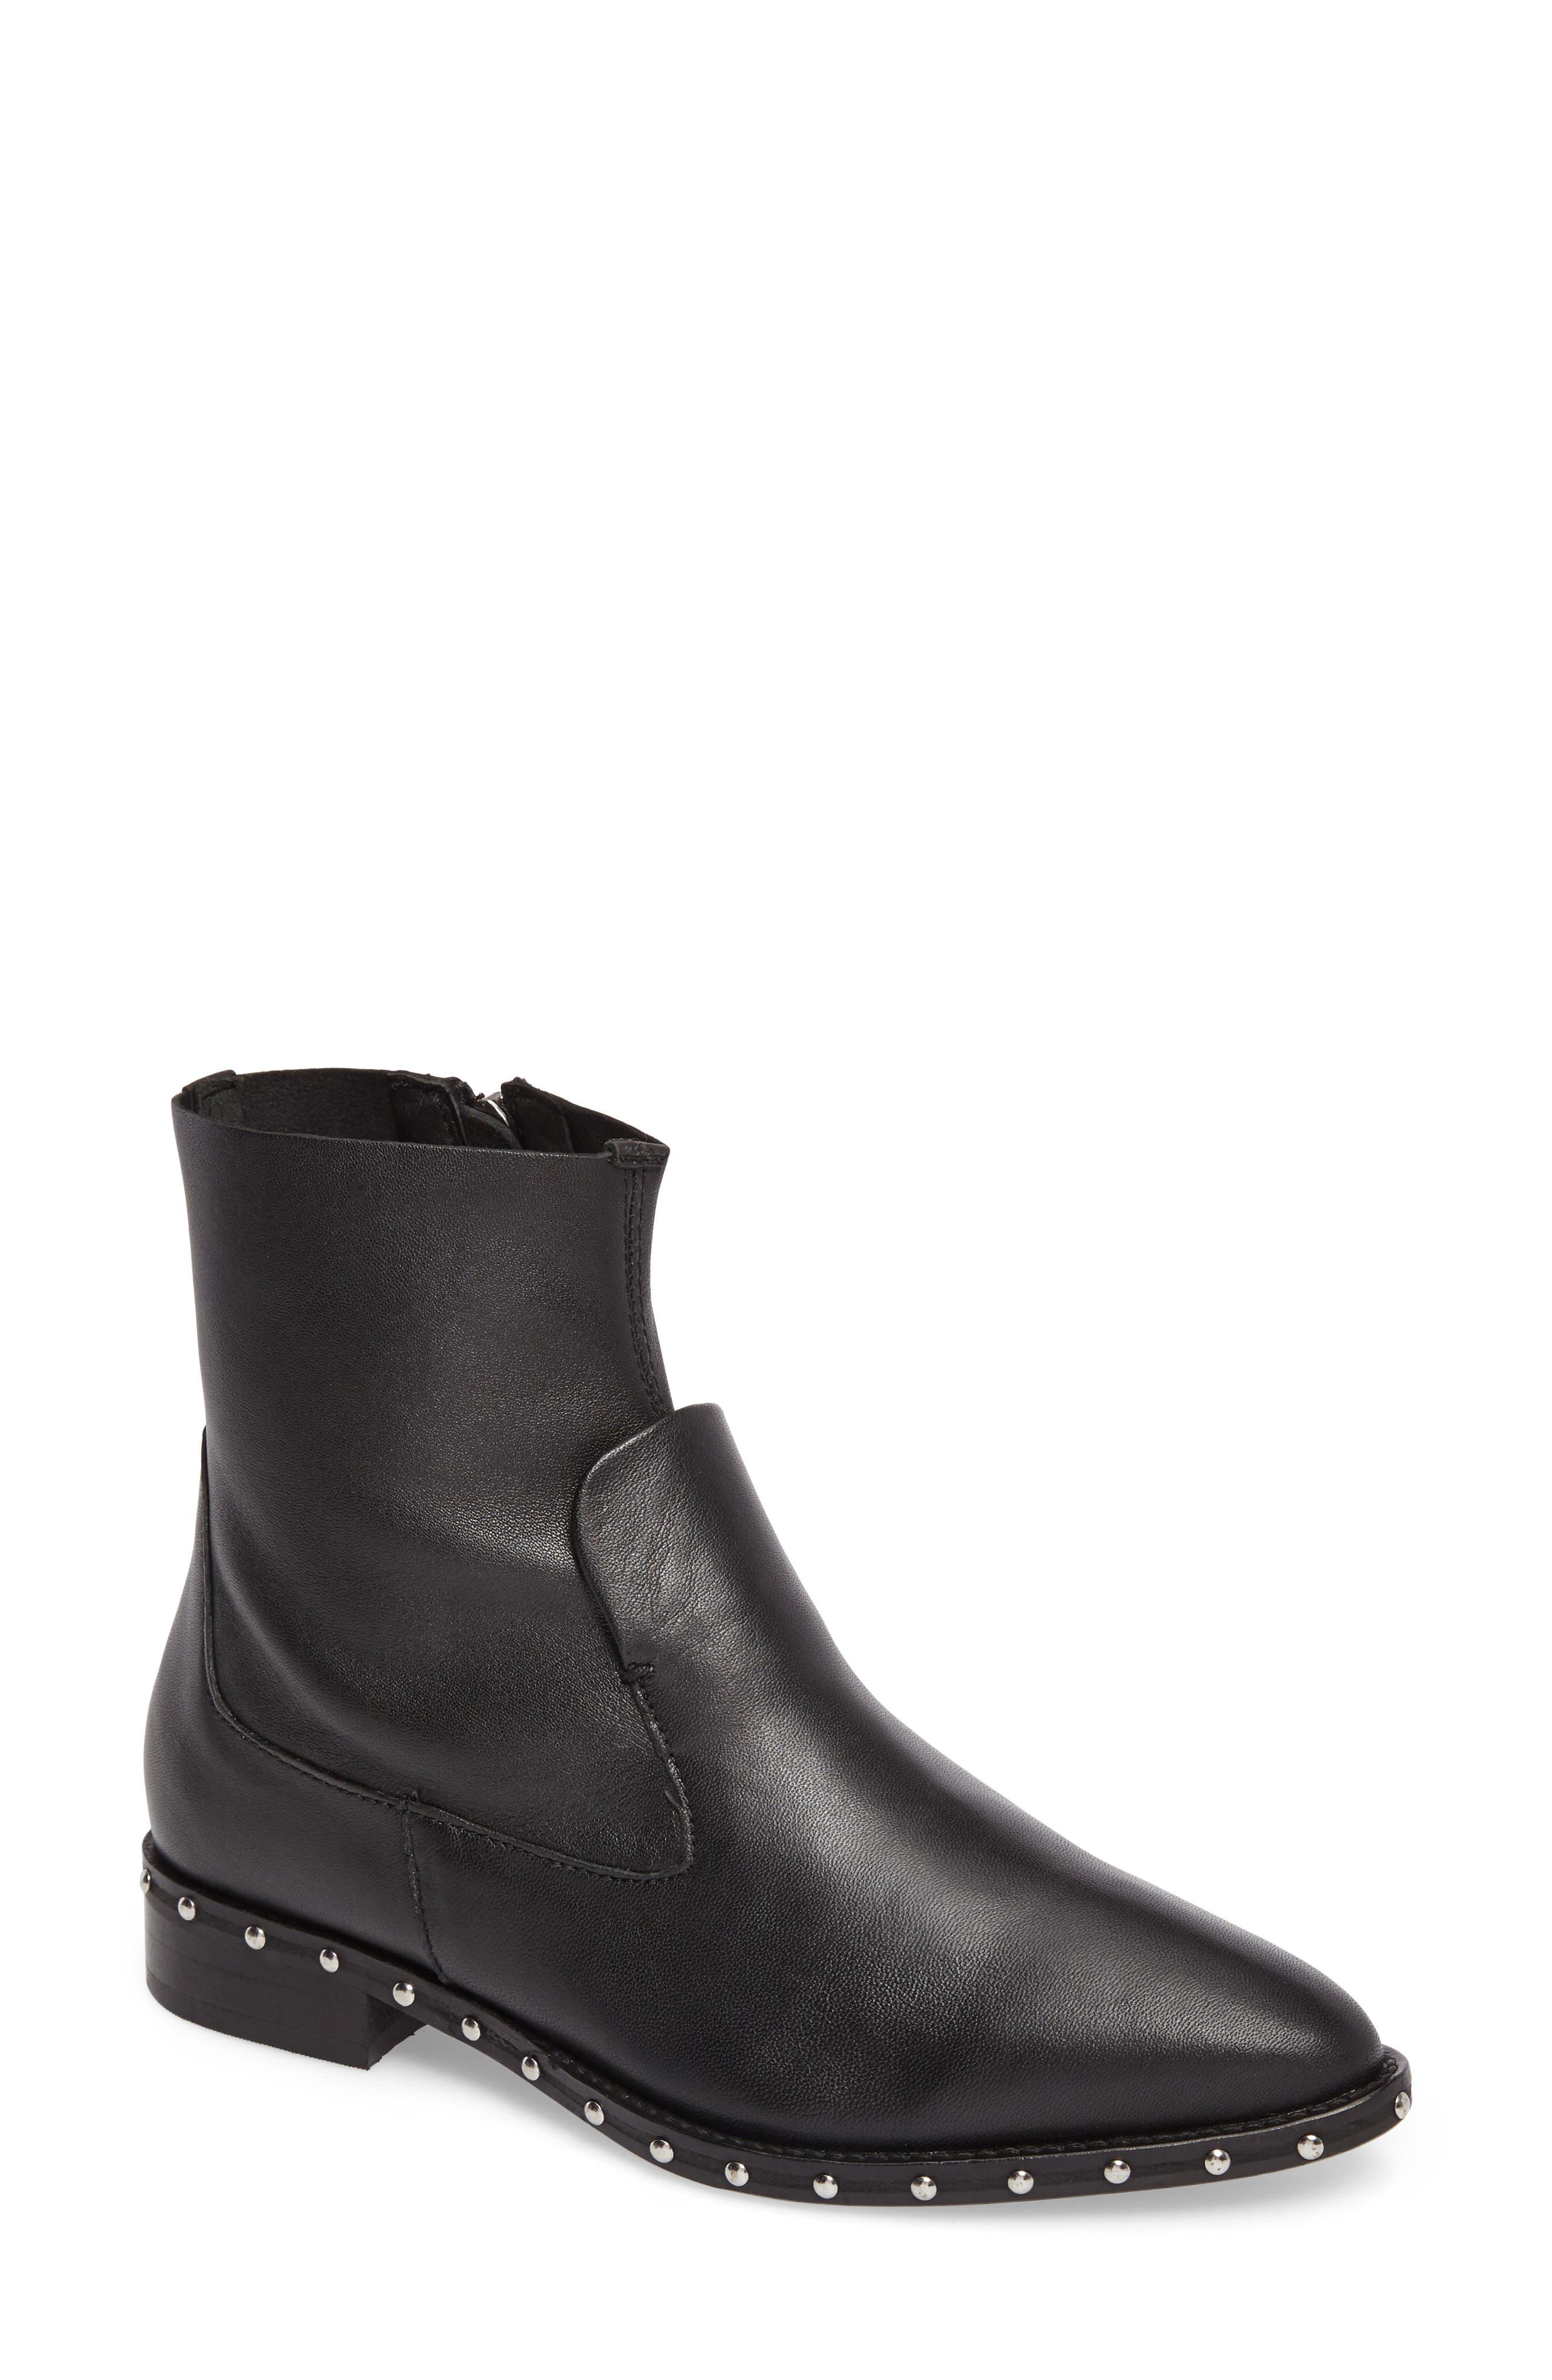 Topshop Aiden Stud Sock Boot